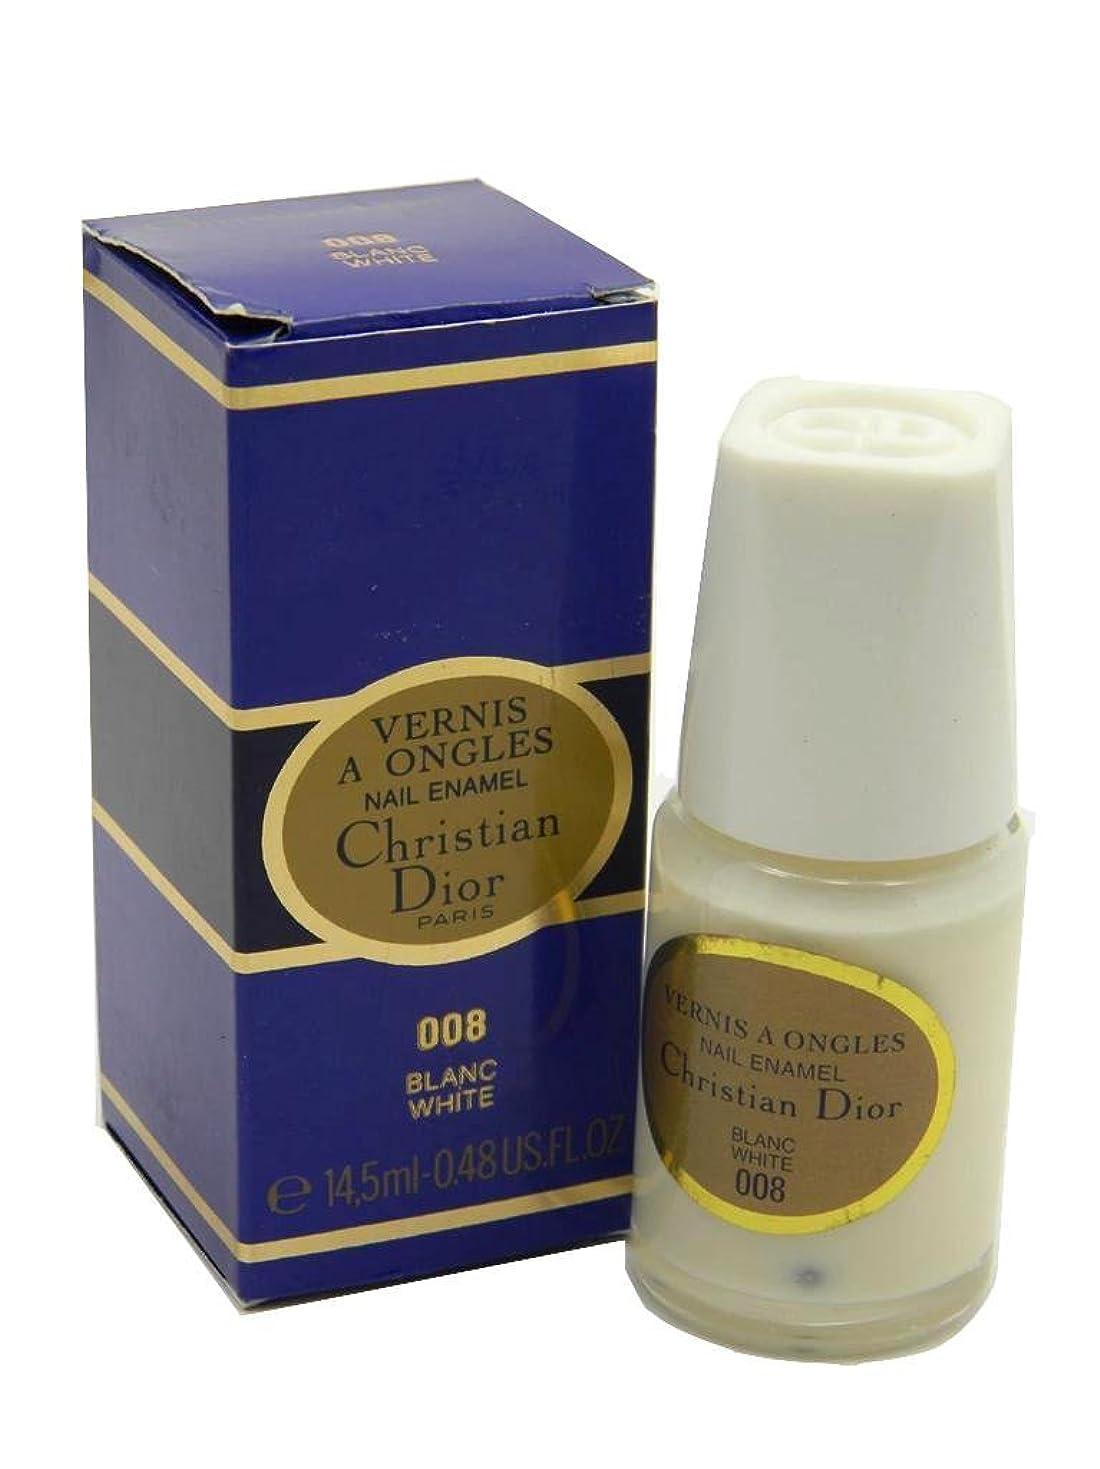 量販売員振り向くDior Vernis A Ongles Nail Enamel Polish 008 White(ディオール ヴェルニ ア オングル ネイルエナメル ポリッシュ 008 ホワイト) [並行輸入品]